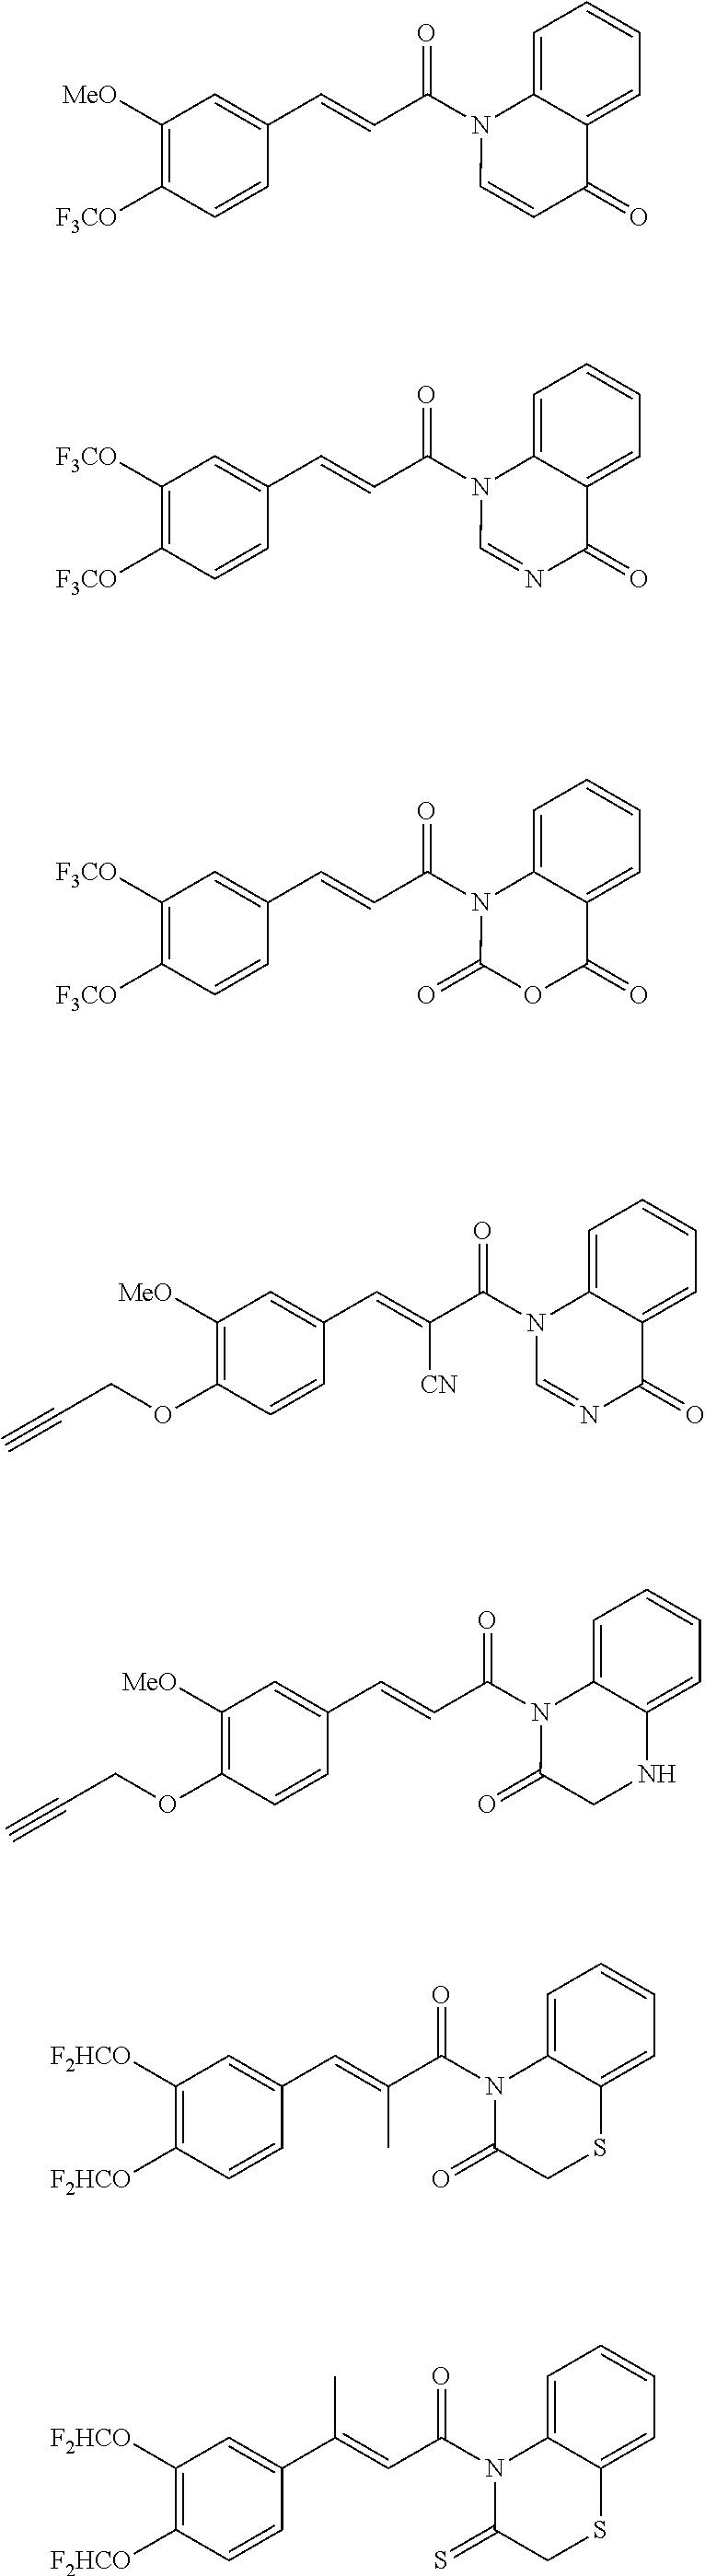 Figure US09951087-20180424-C00049